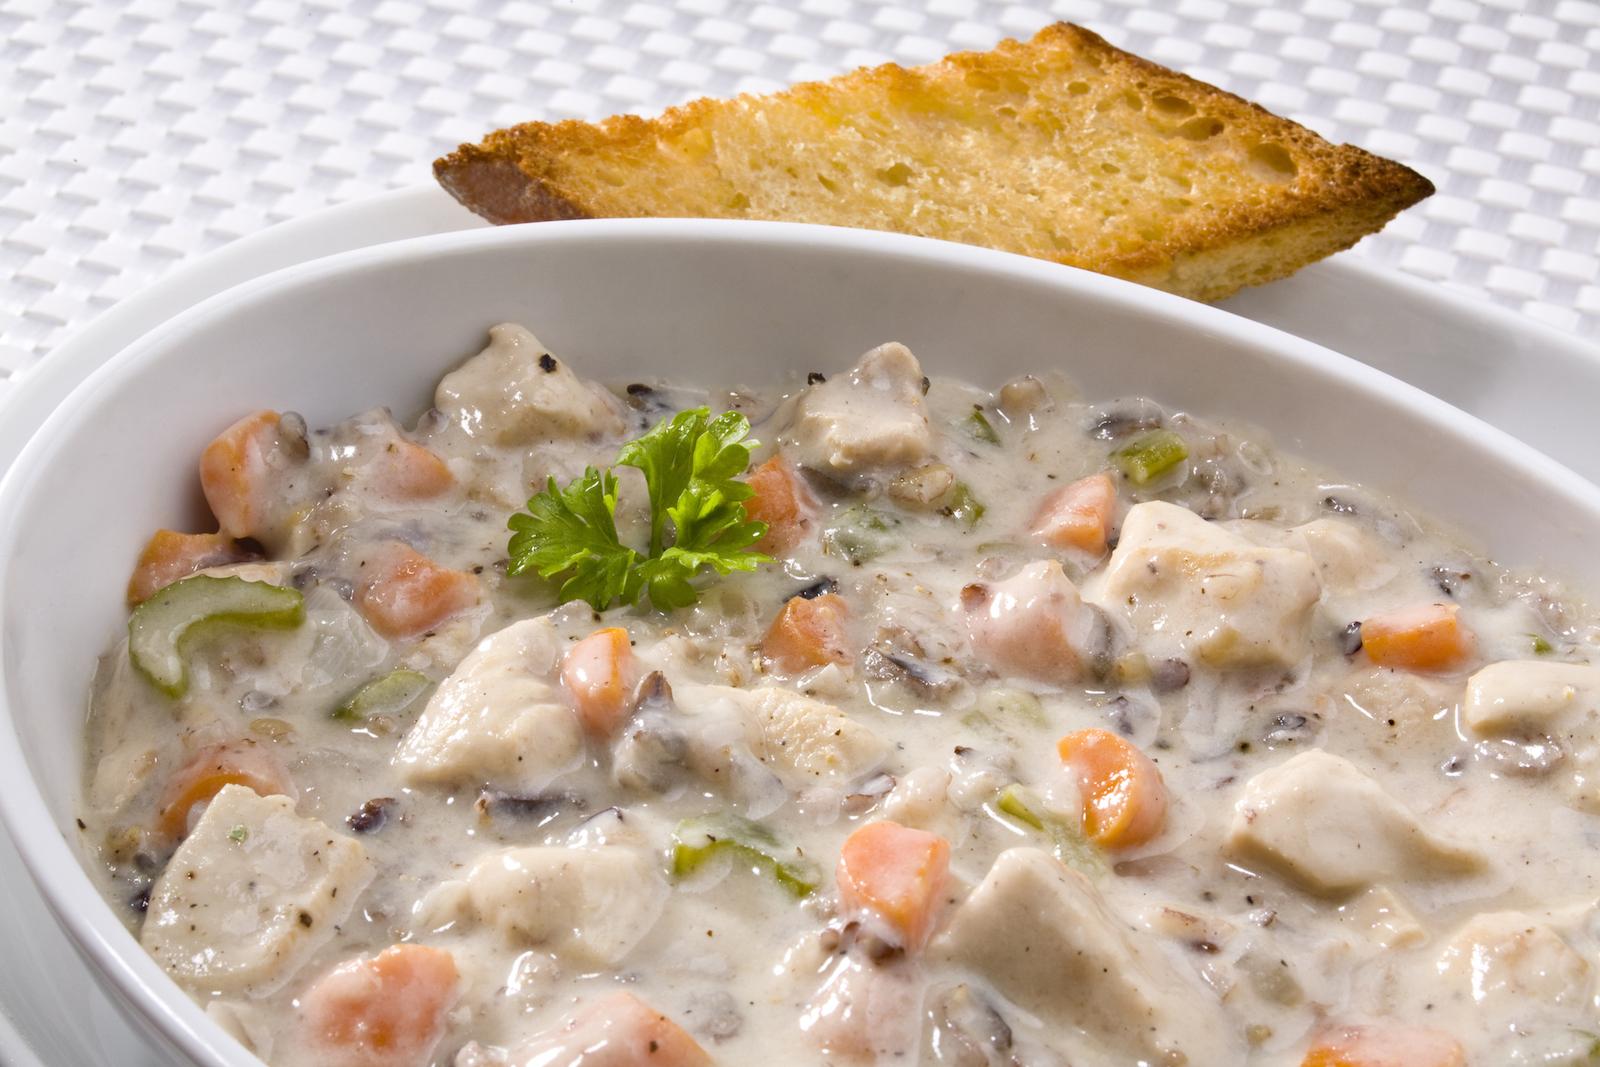 Wilde rice chicken soup